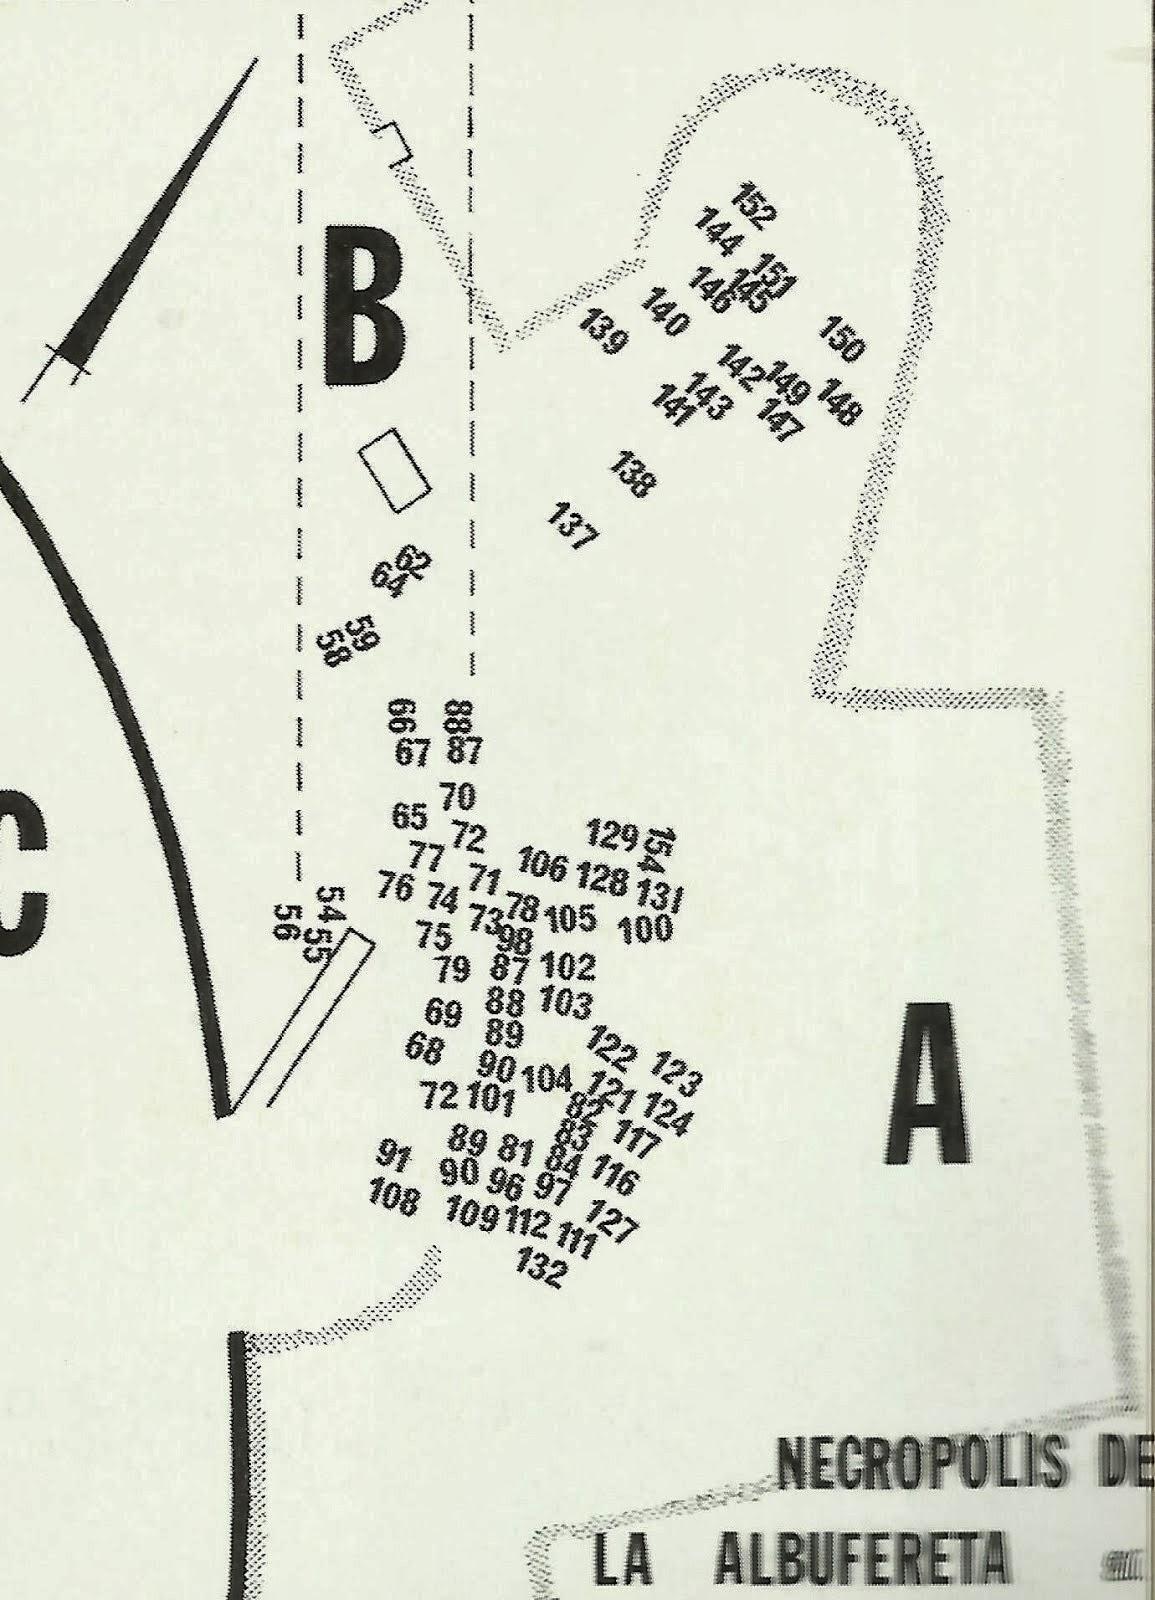 Necropolis sur-oeste según Enrique Llobregat